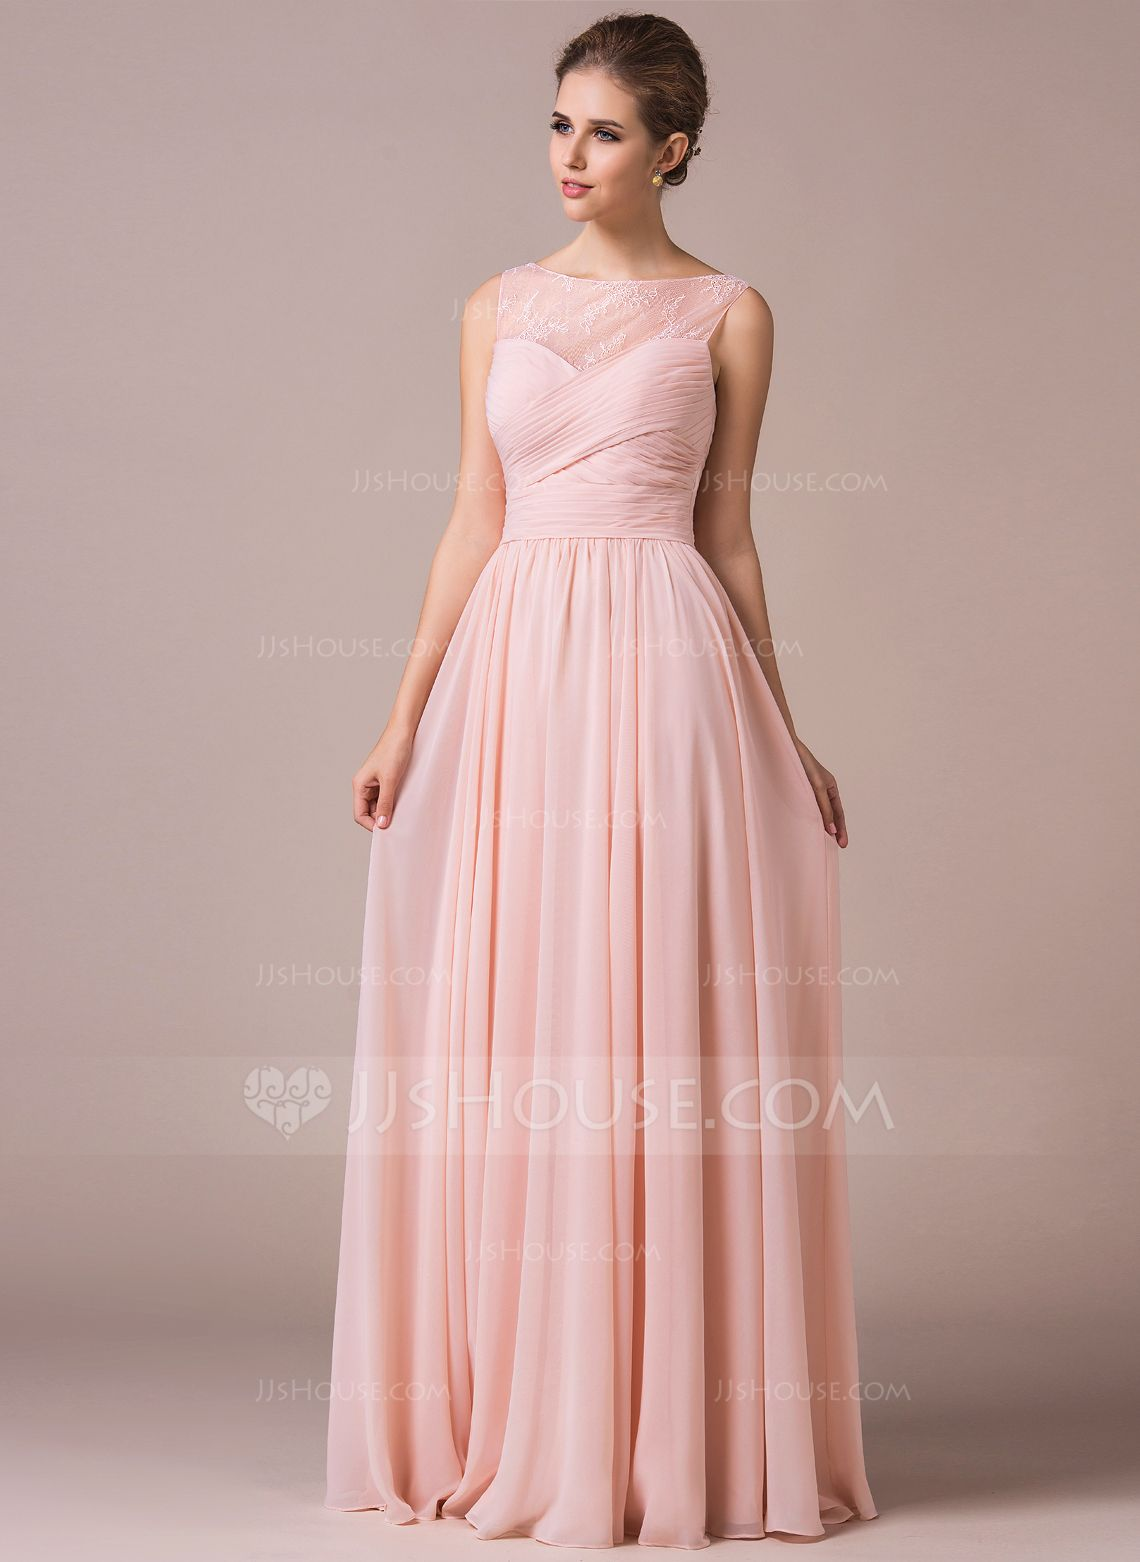 Chiffon Lace A-Line Floor-length Bridesmaid Dress | Pinterest | Lace ...